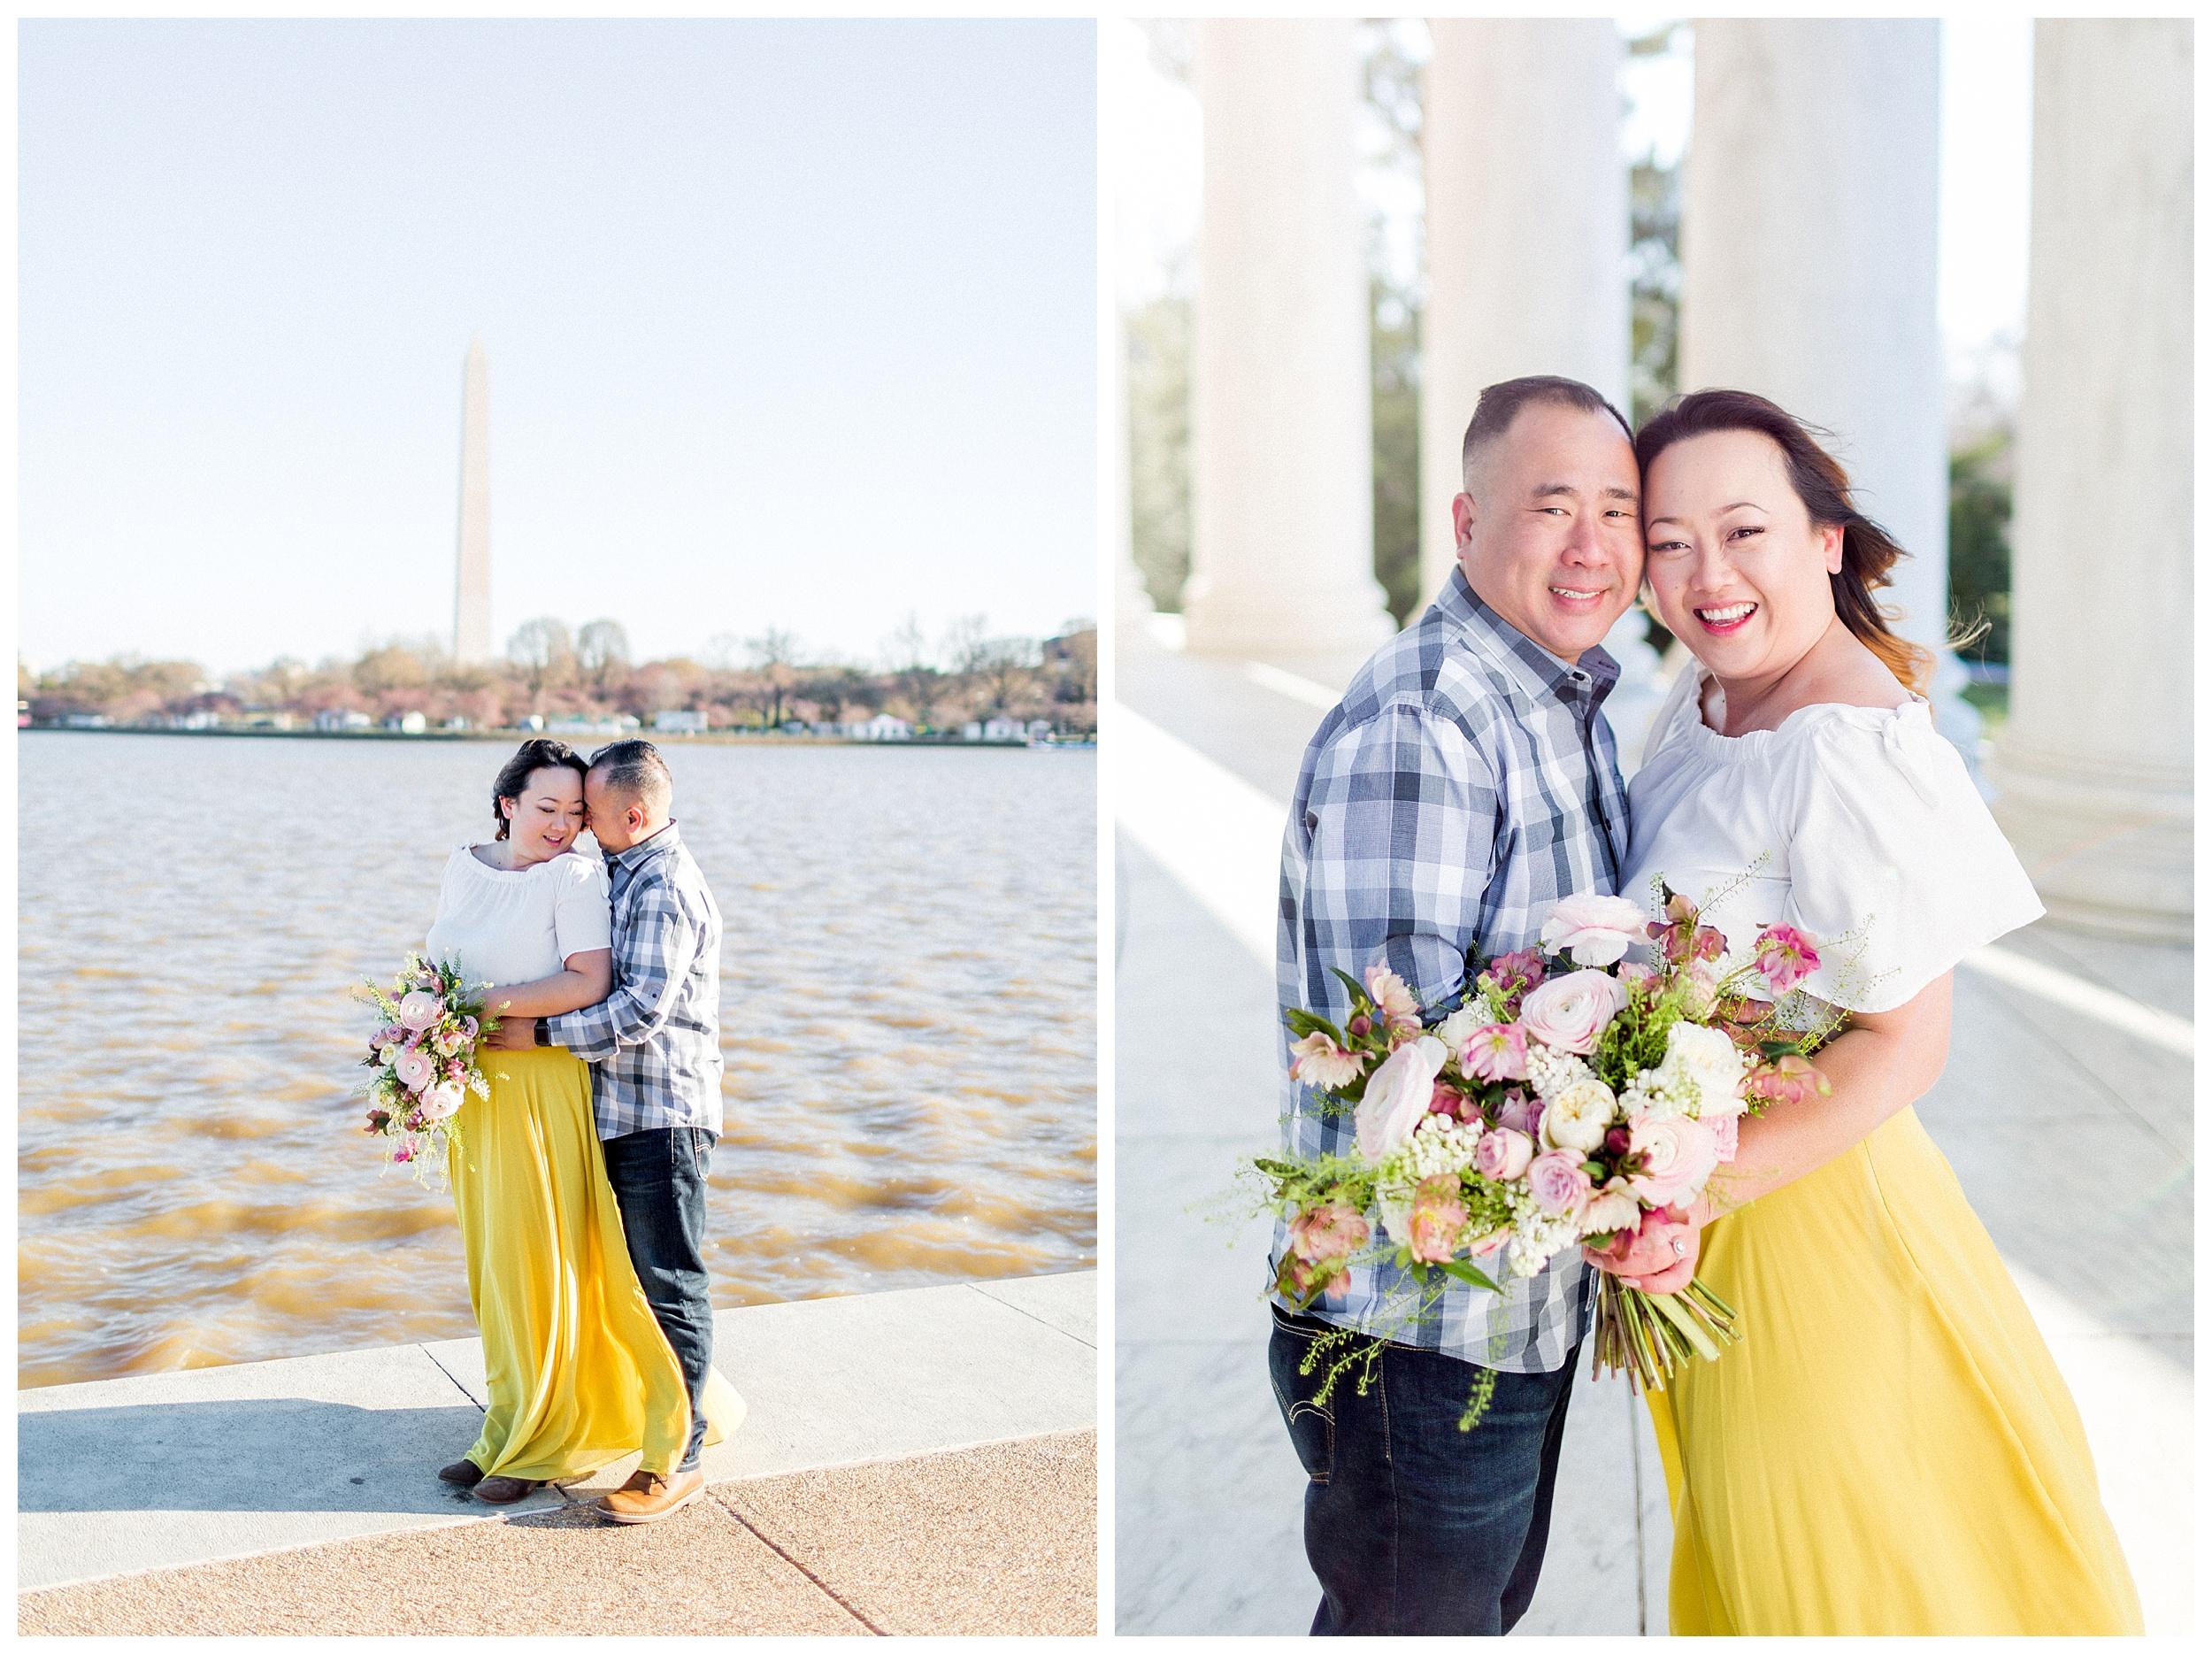 Washington DC Engagement Photos | Thomas Jefferson Engagement Session_0020.jpg